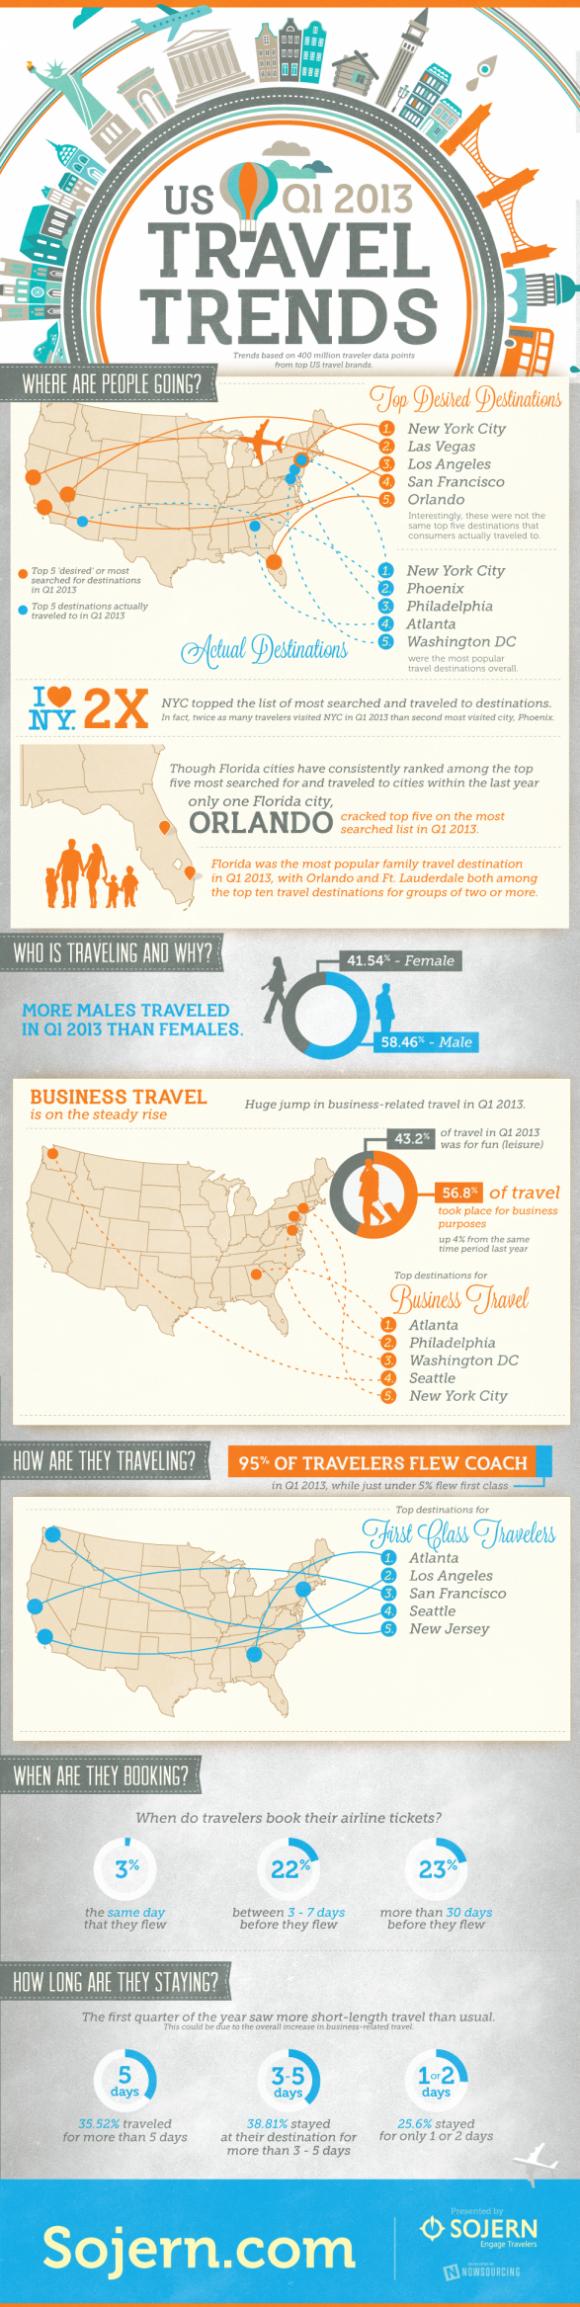 us-q1-2013-travel-trends_516f08c75b622_w587